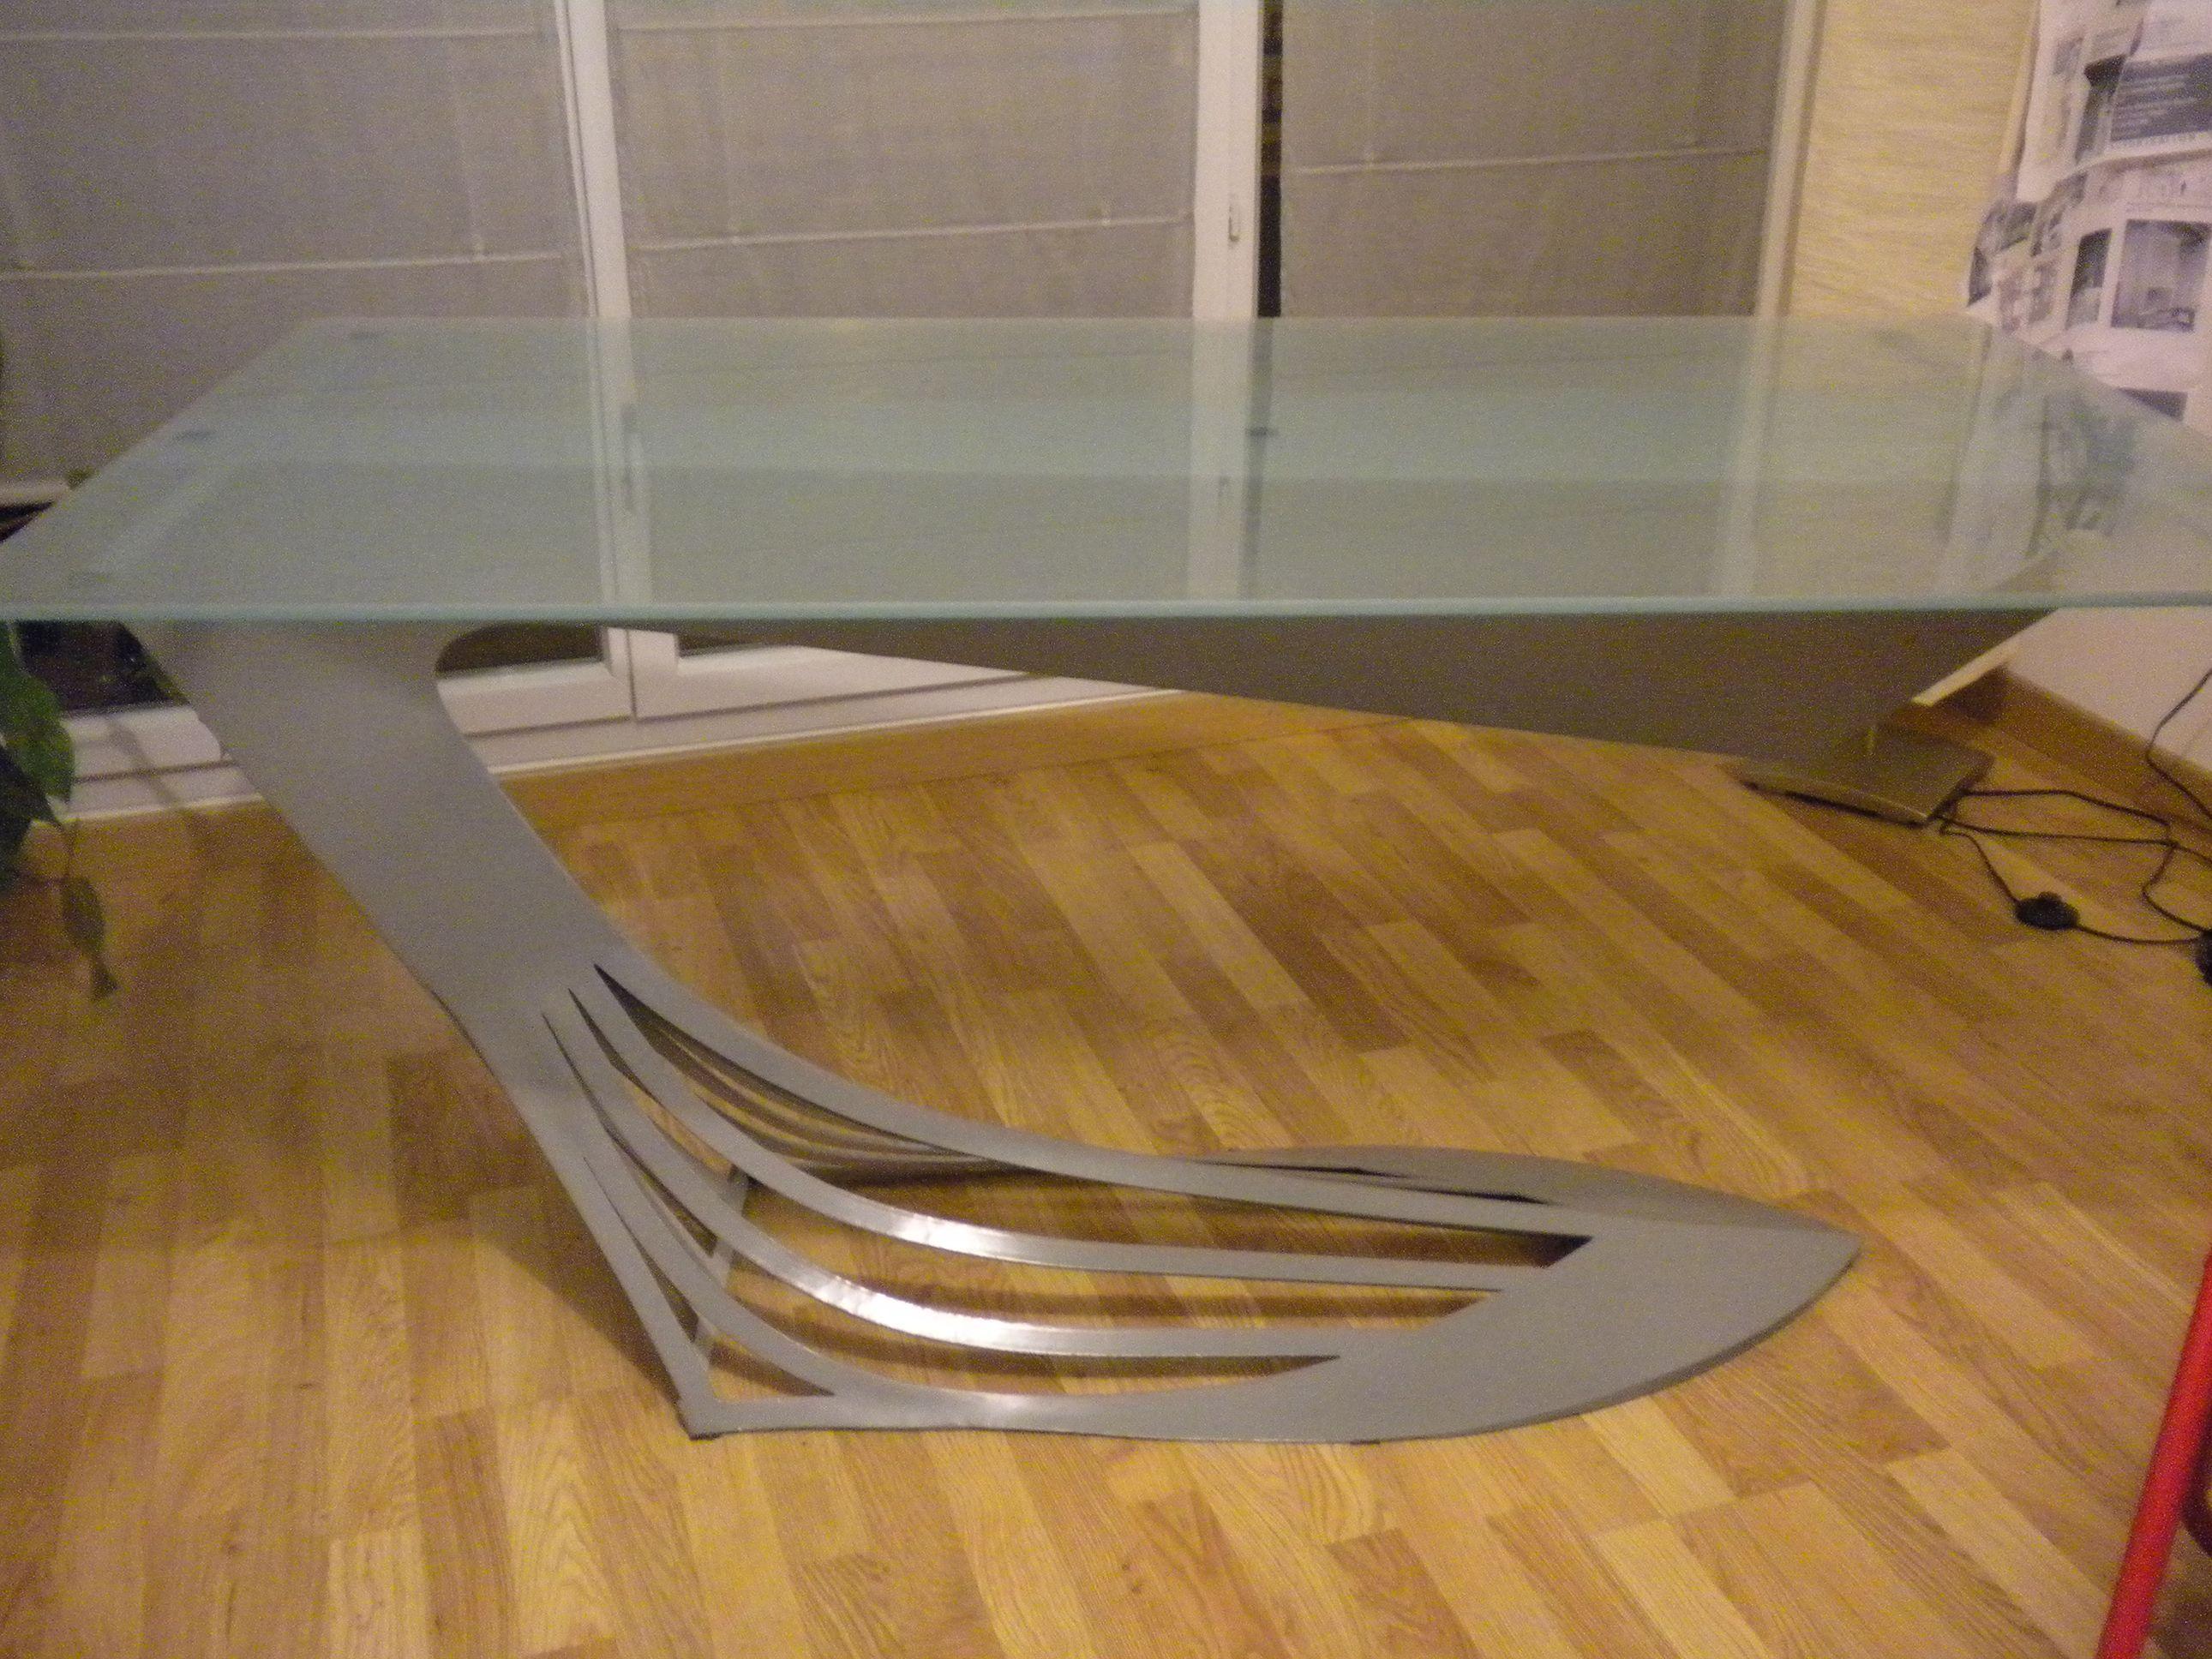 Table de salle avec structure en acier peint et plateau en verre